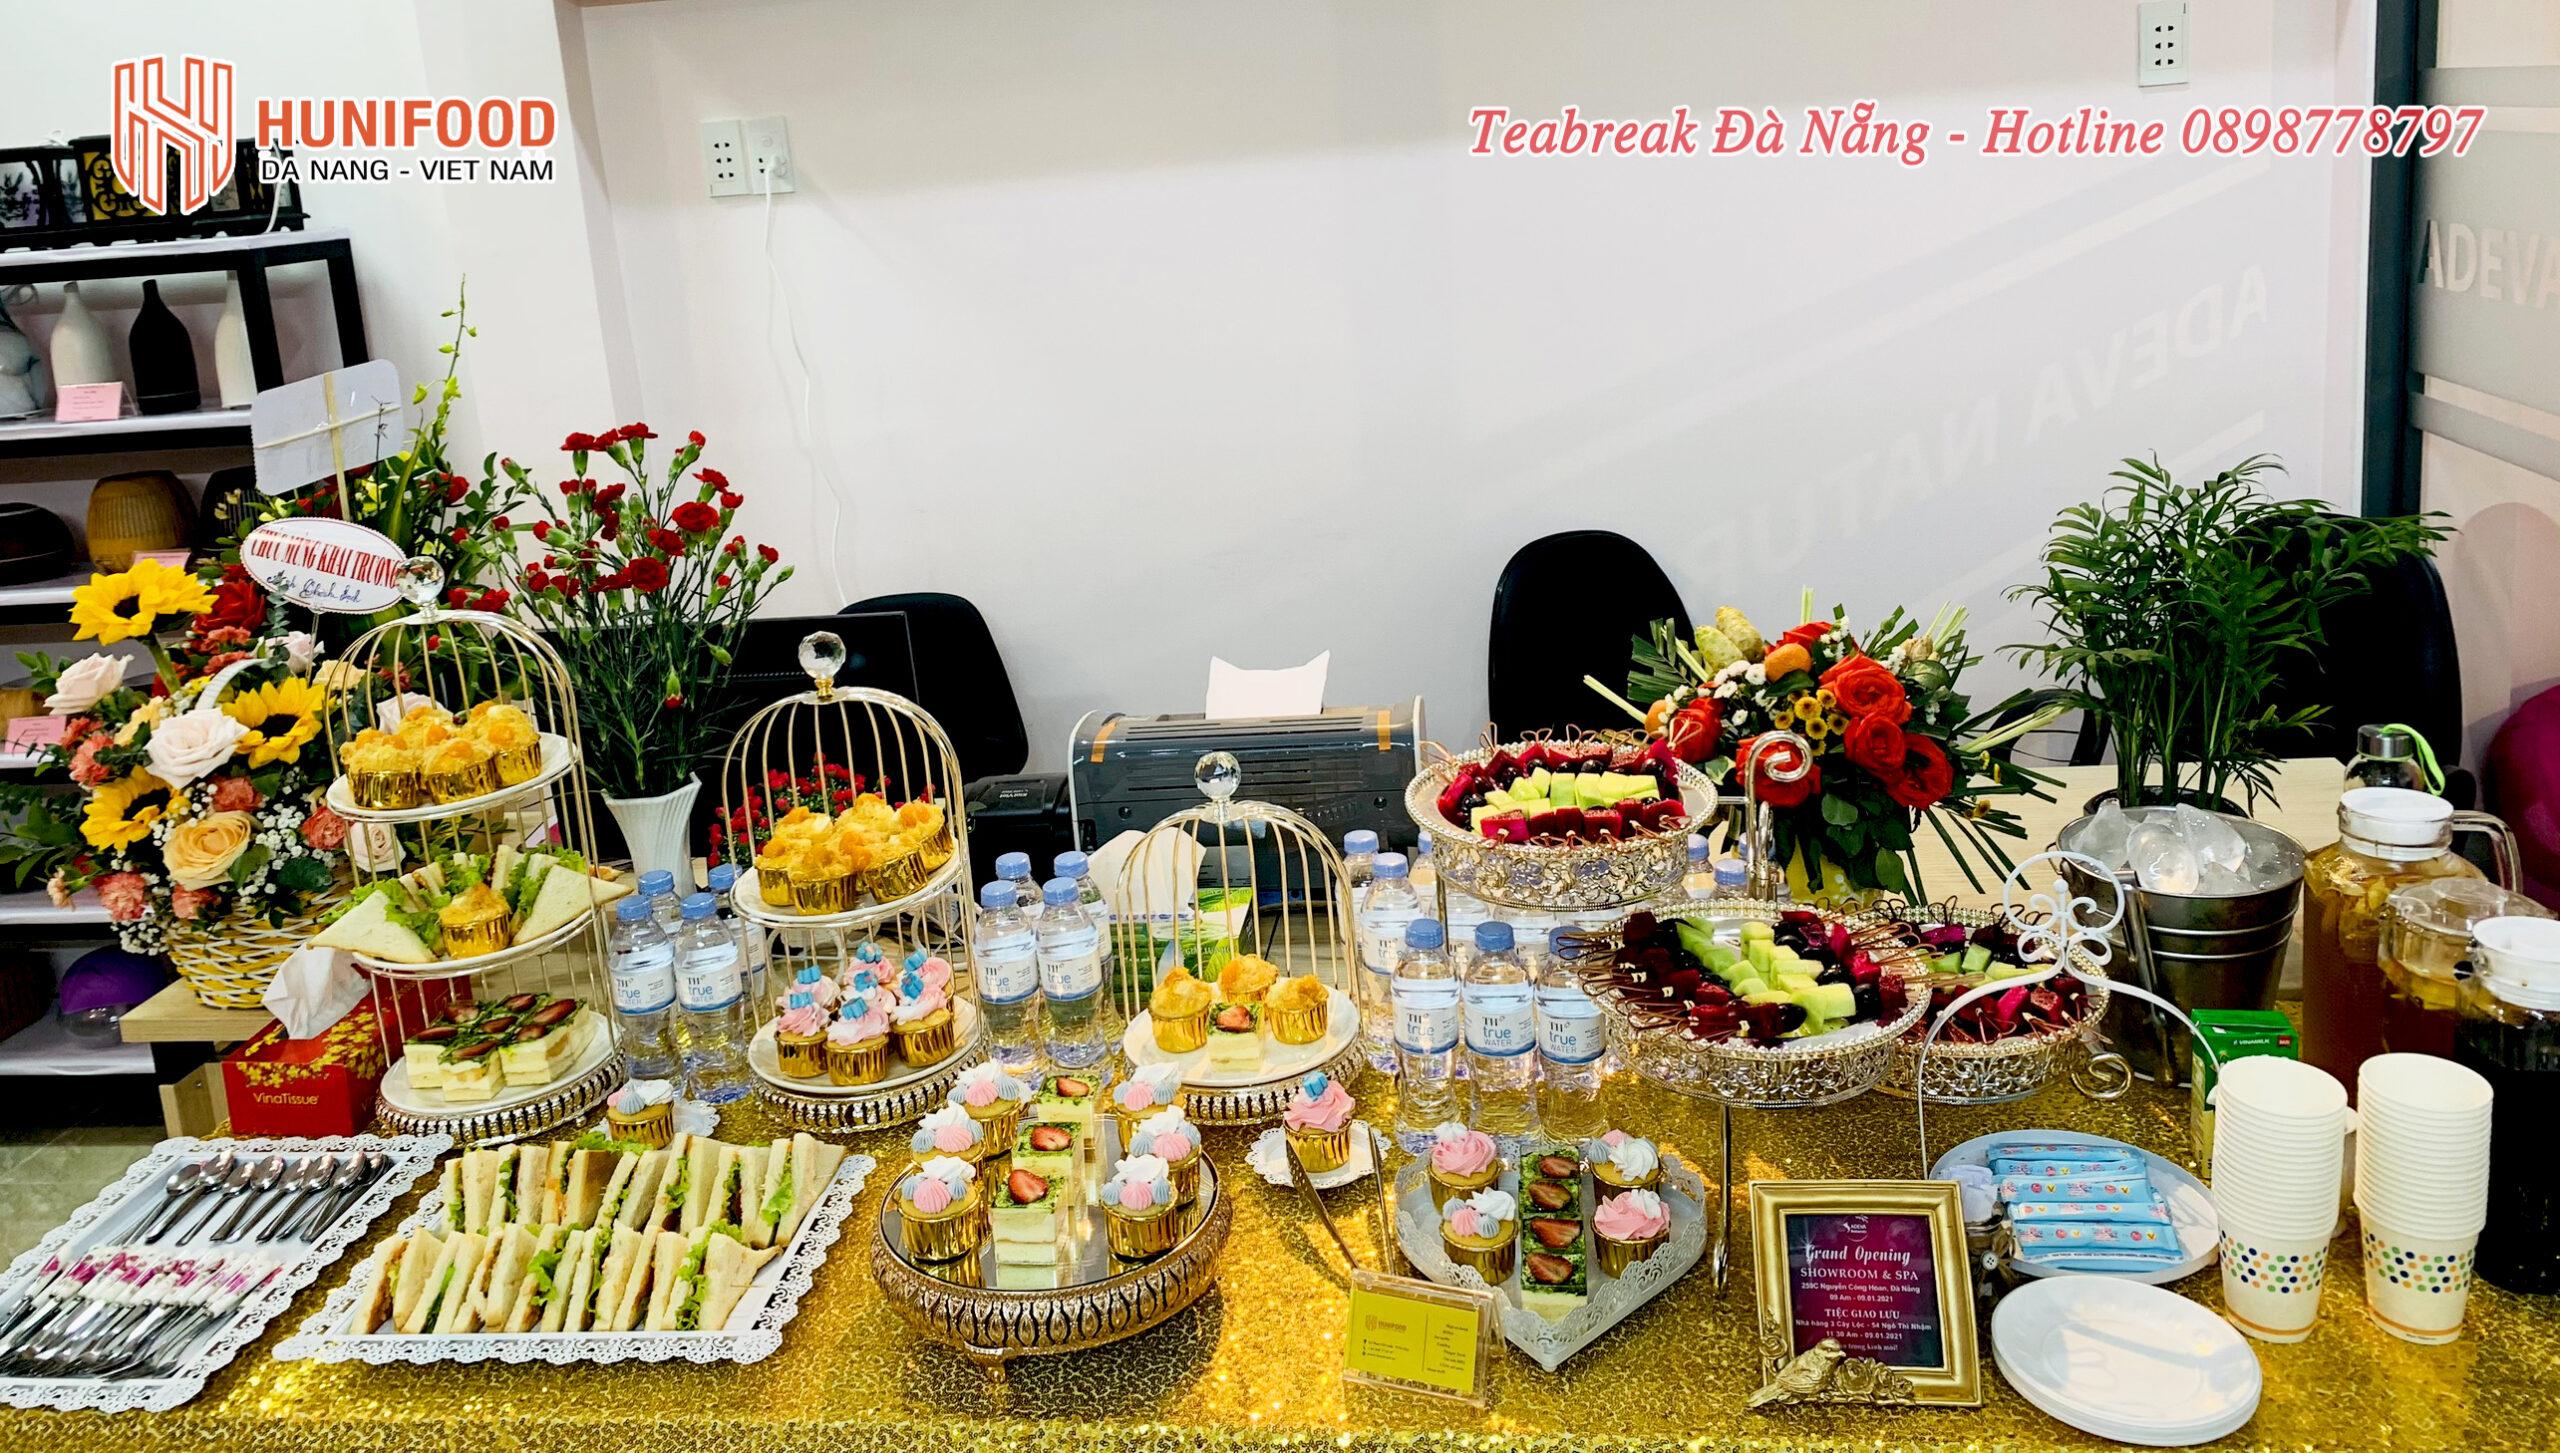 Grend Opening Tiệc TEABREAK Khai trương thứ 3 trong buổi sáng 09/01/2021 ADEVA NATURALS